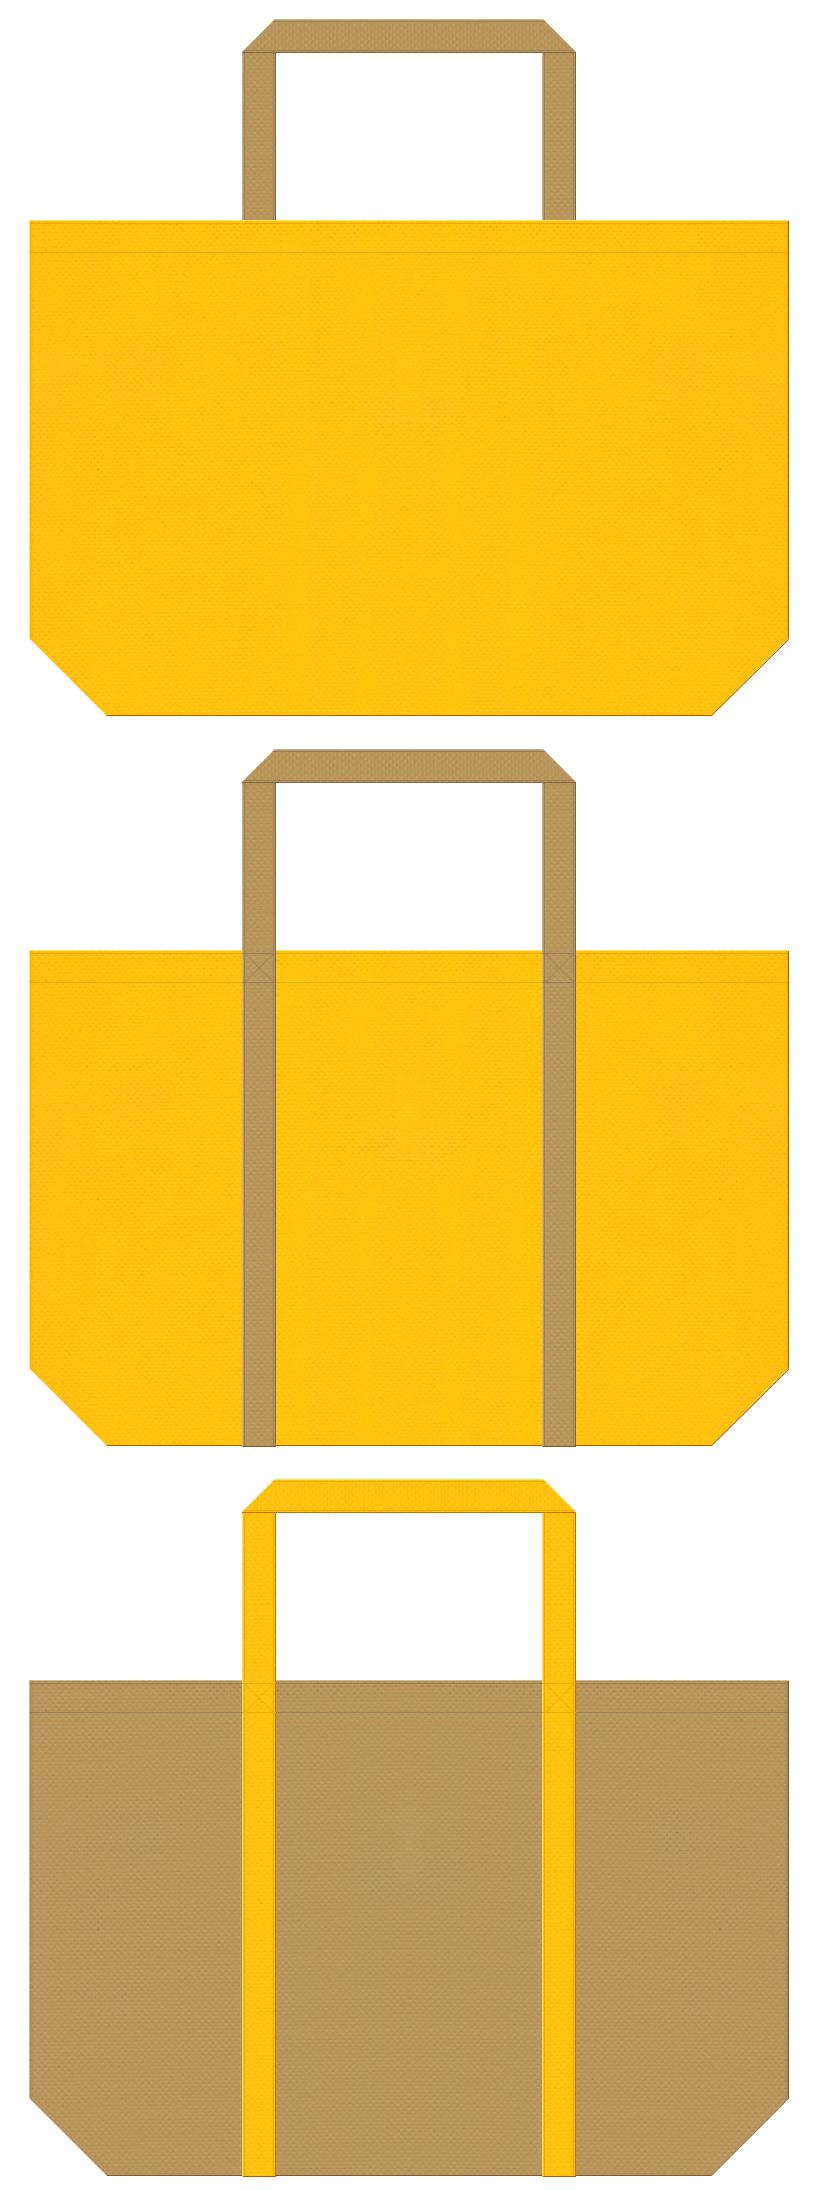 はちみつ・マスタード・マロンケーキ・カレーパン・ベーカリー・安全用品・工具・DIYのイベント・砂漠・ラクダ・お宝・ゴールド・ピラミッド・テーマパーク・ゲーム・キッズイベントにお奨めの不織布バッグデザイン:黄色と金黄土色のコーデ